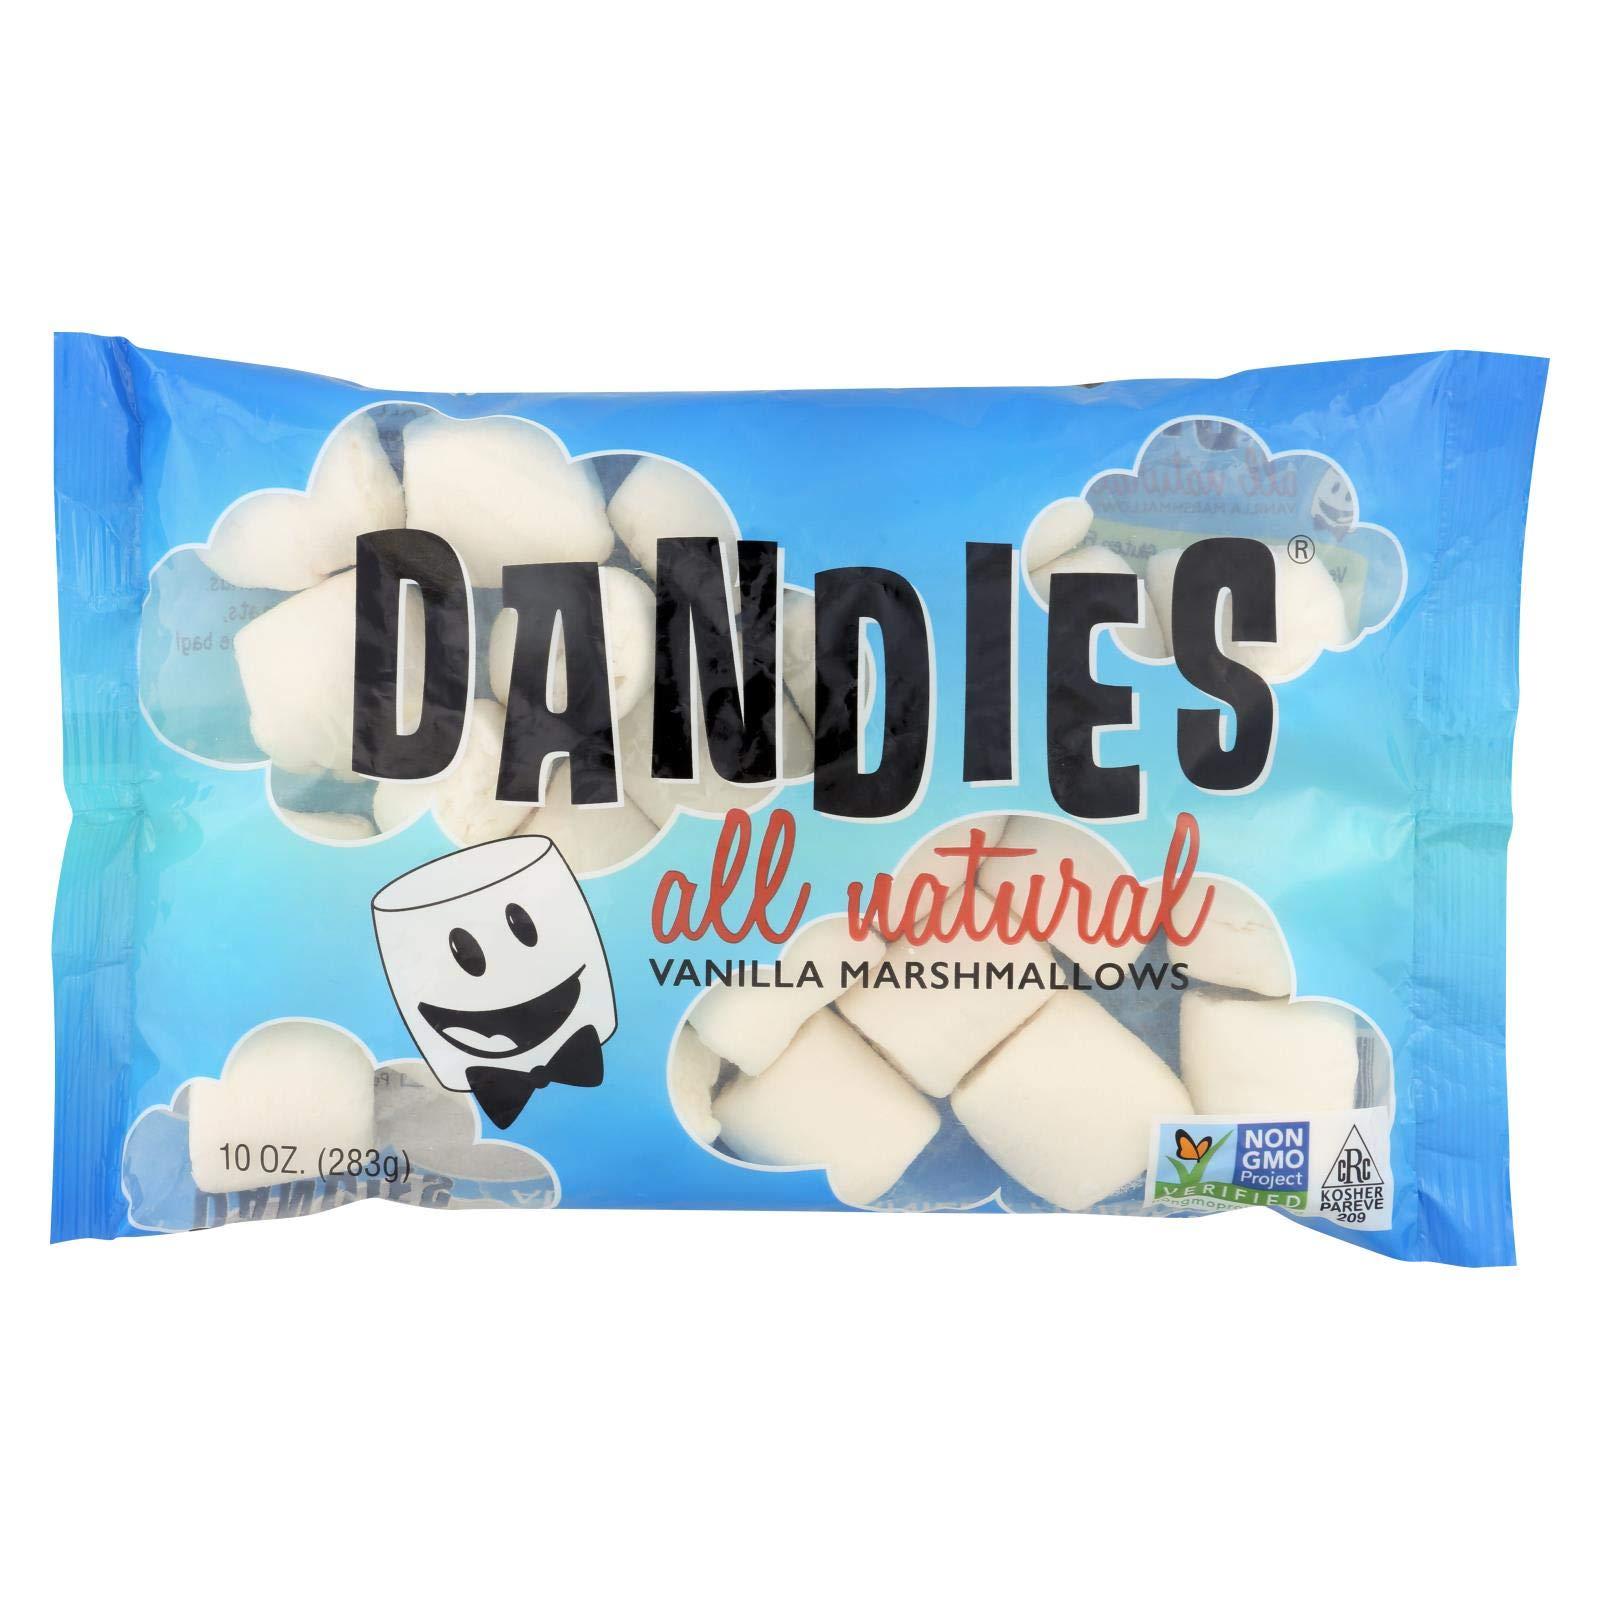 Dandies Air Puffed Marshmallows - Classic Vanilla - Case of 12 - 10 oz. by Dandies